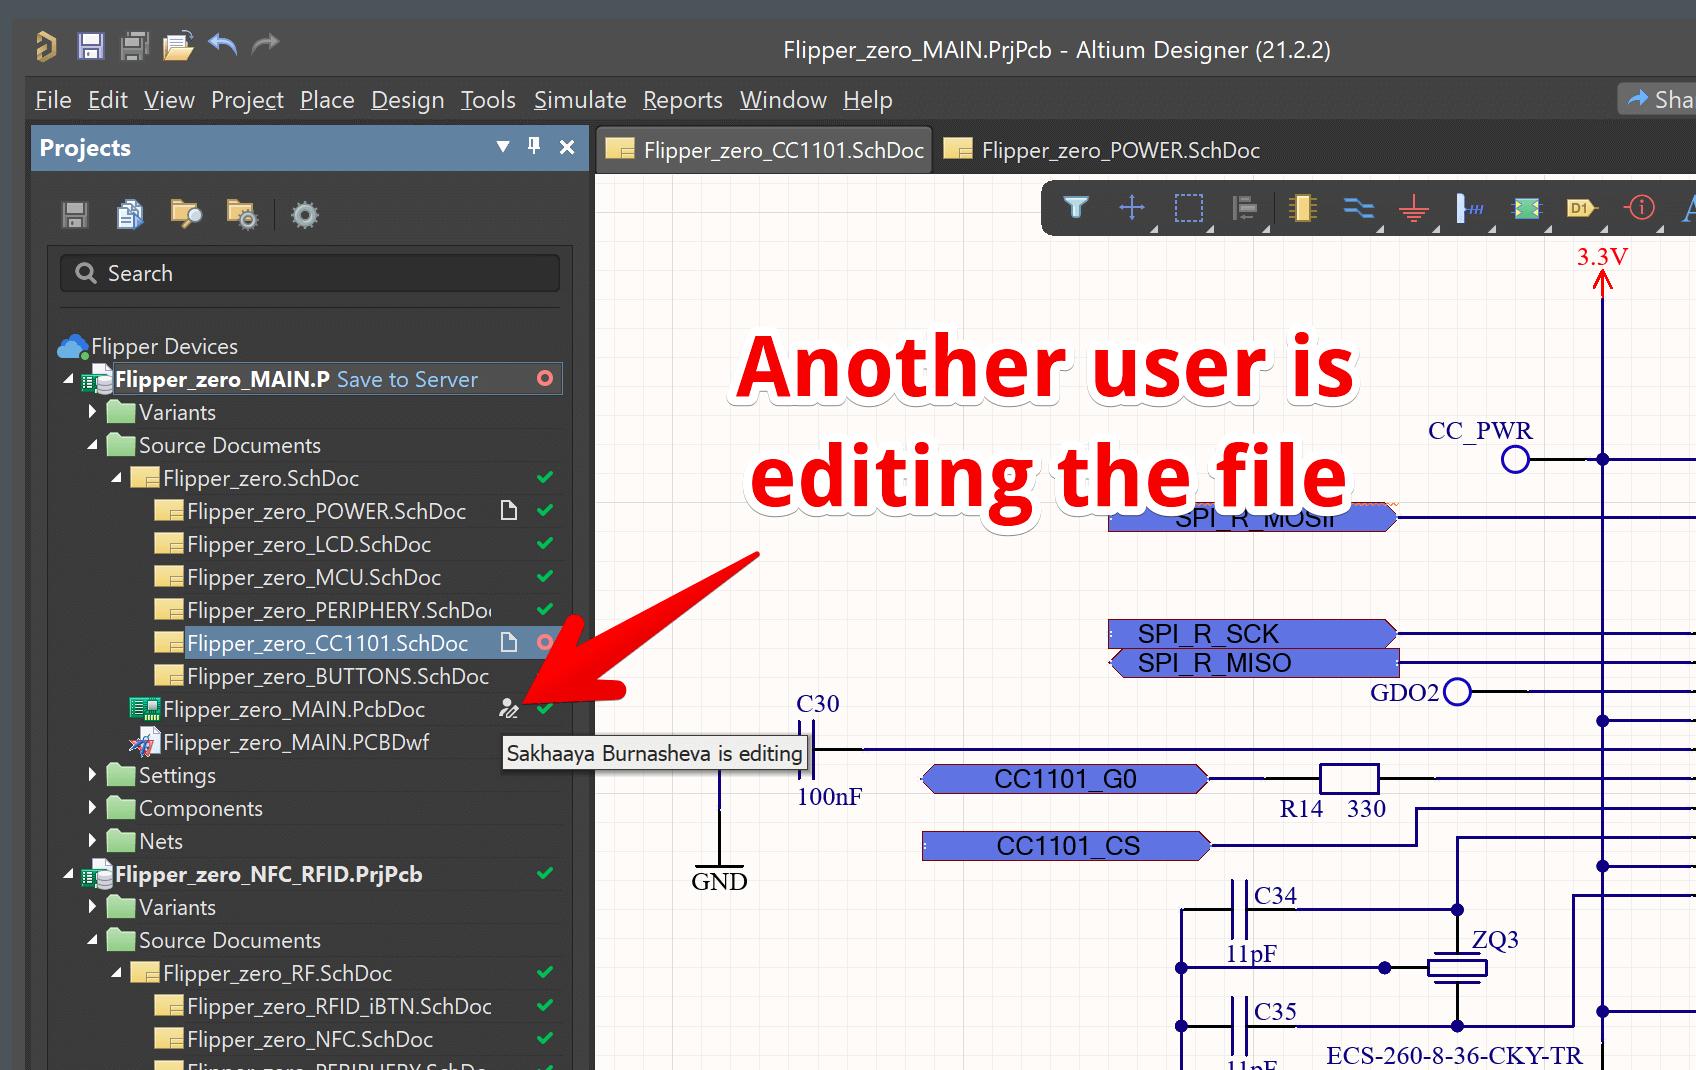 Другой пользователь редактирует файл